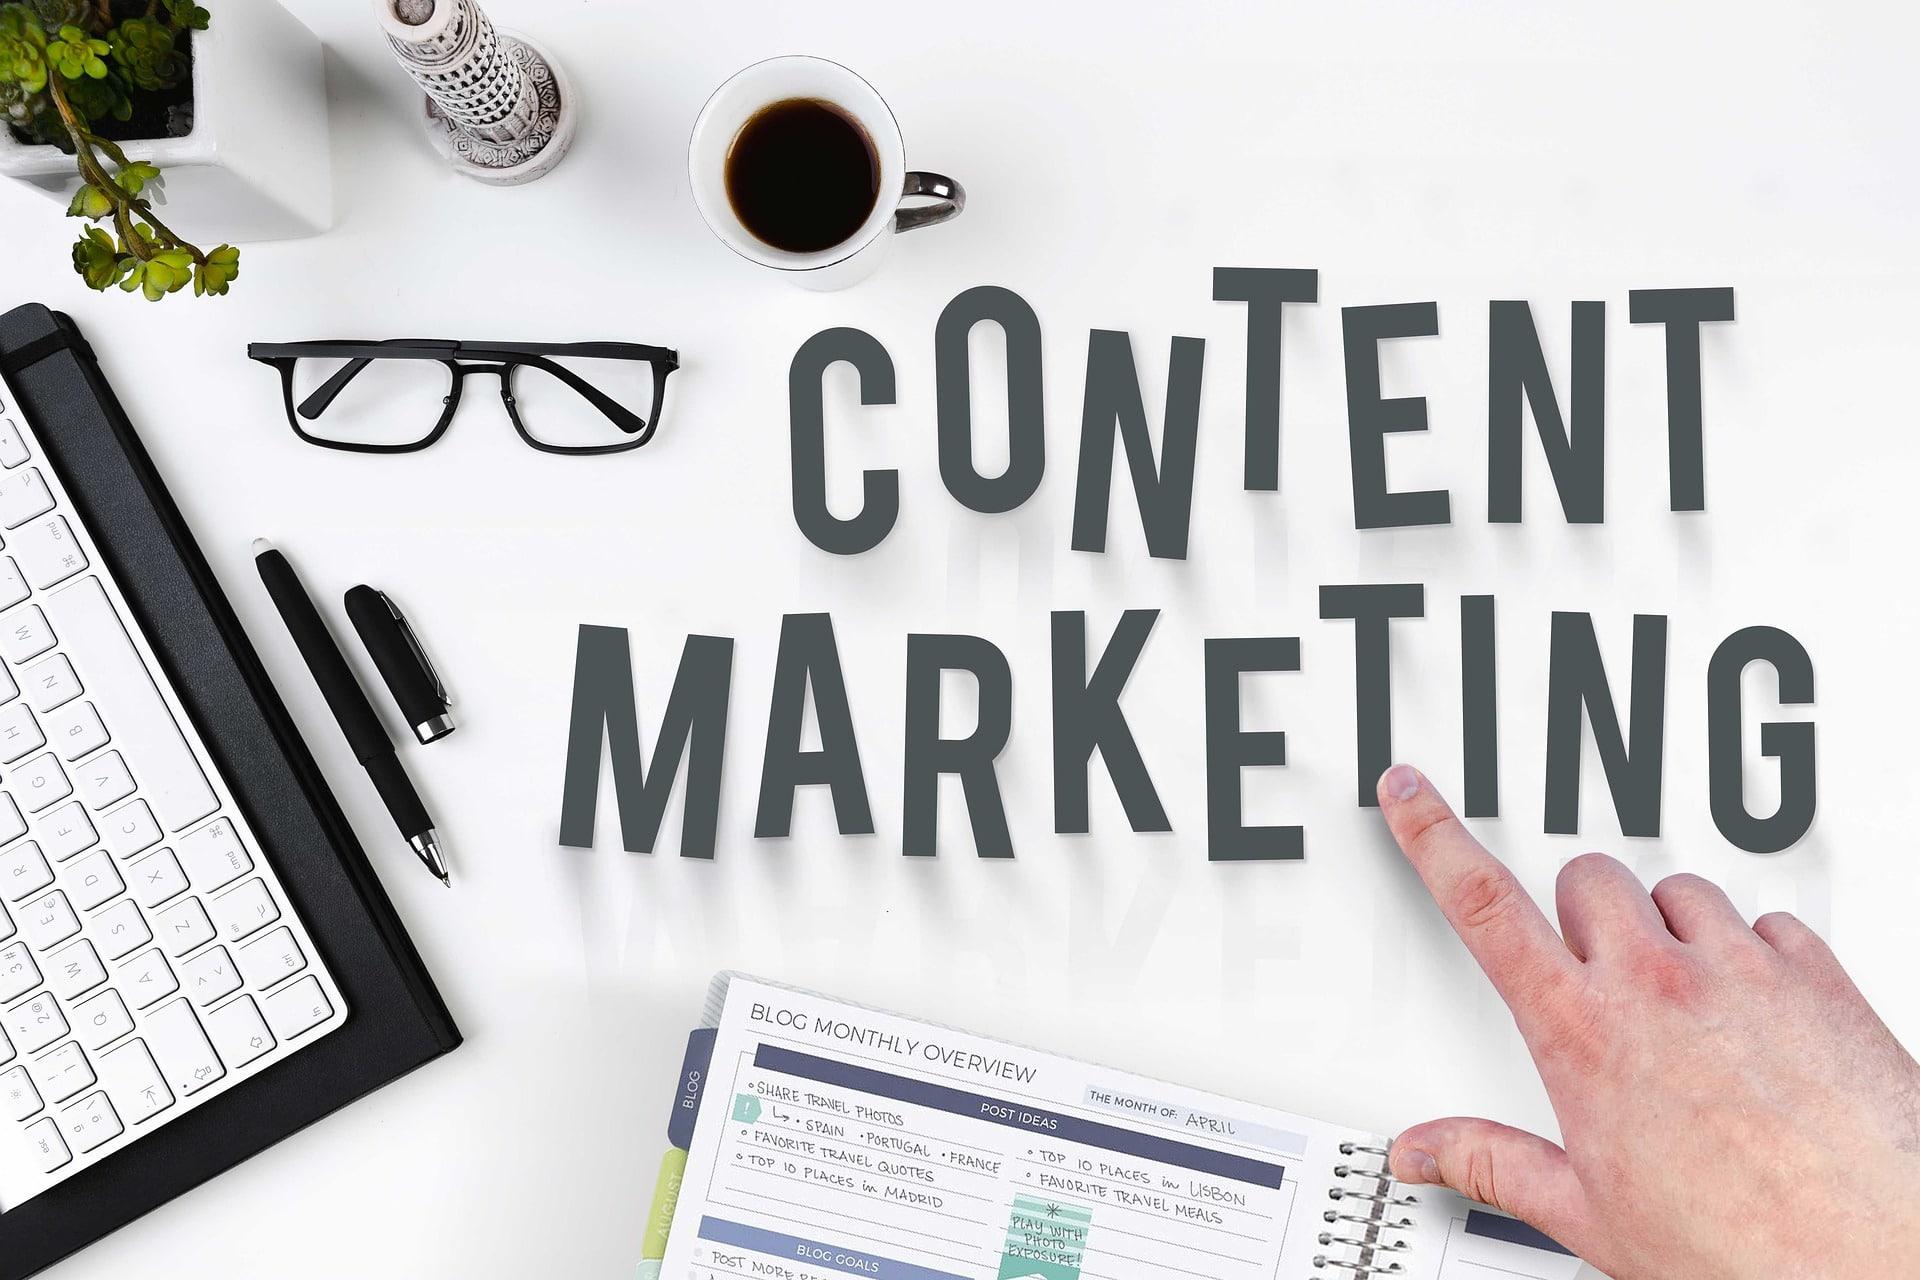 Как выйти в топ после обновления контента: идеи и тренды